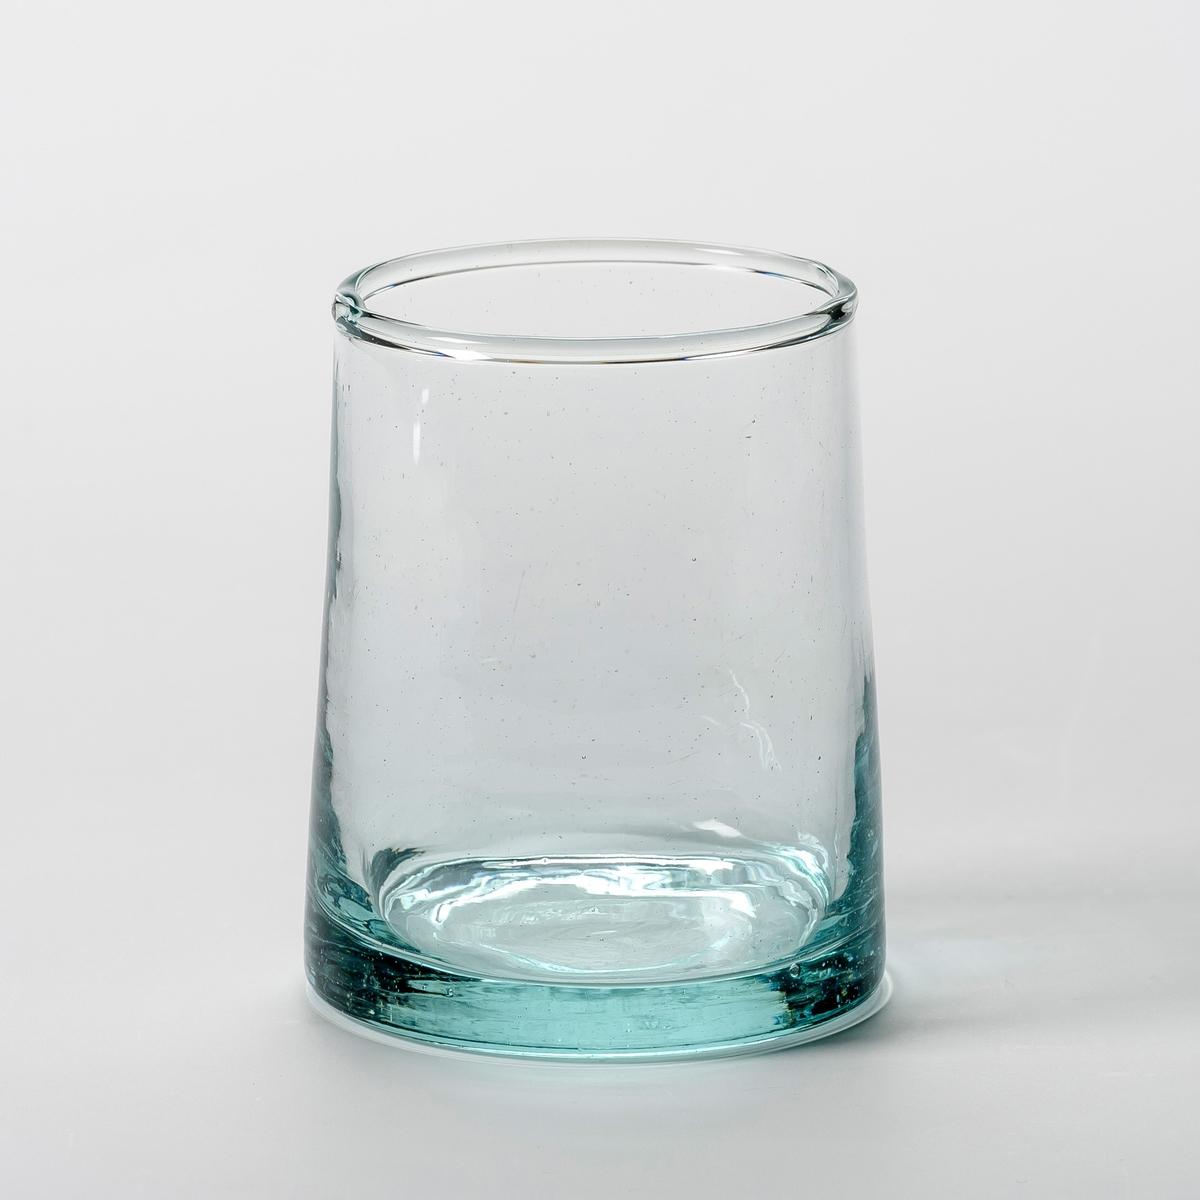 Комплект из 6 стаканов из дутого стекла, Gimani6 стаканов для воды Gimani. Изготовлена с помощью техники выдувания, из переработанного стекла. Благодаря технике стеклодувов каждое изделие уникально. Общие размеры. : ? верха 6,2, ? низа 7,3 x В.9 см. Емксоть 25 cl. Можно мыть в посудомоечной машине и использовать в микроволновой печи. Салатницы и графины из этой же коллекции продаются на нашем сайте.<br><br>Цвет: прозрачный<br>Размер: единый размер